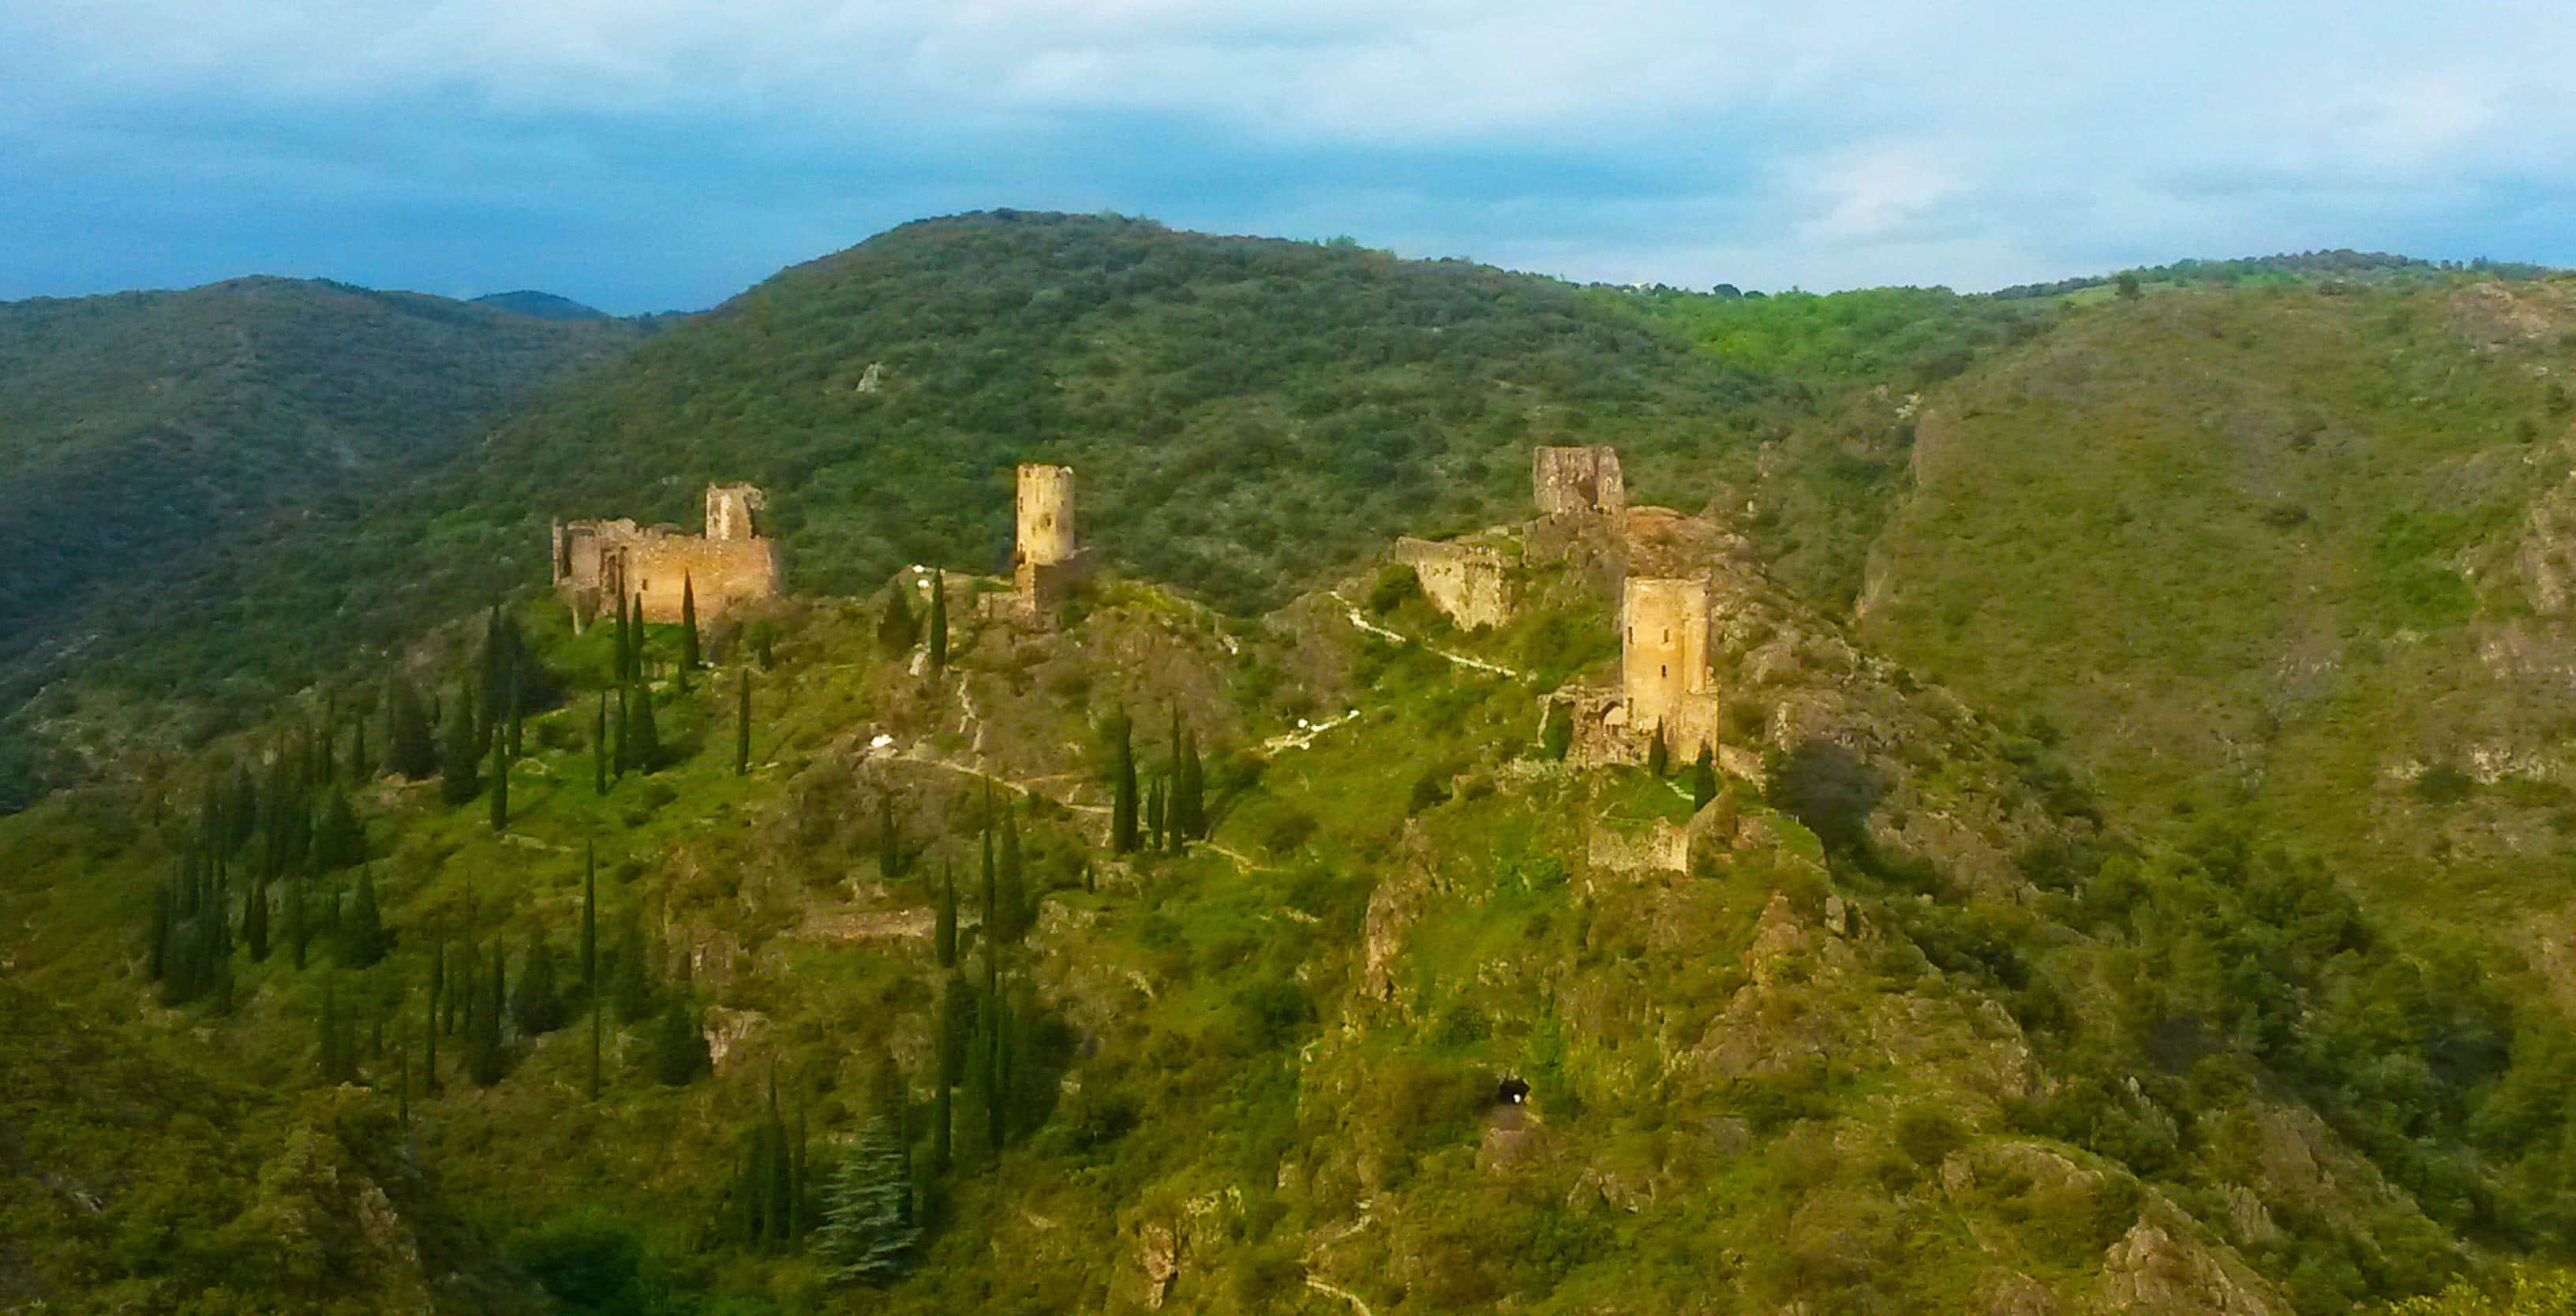 Les châteaux de Lastours près de Carcassonne parmi les 25 lieux incroyables à voir en Europe